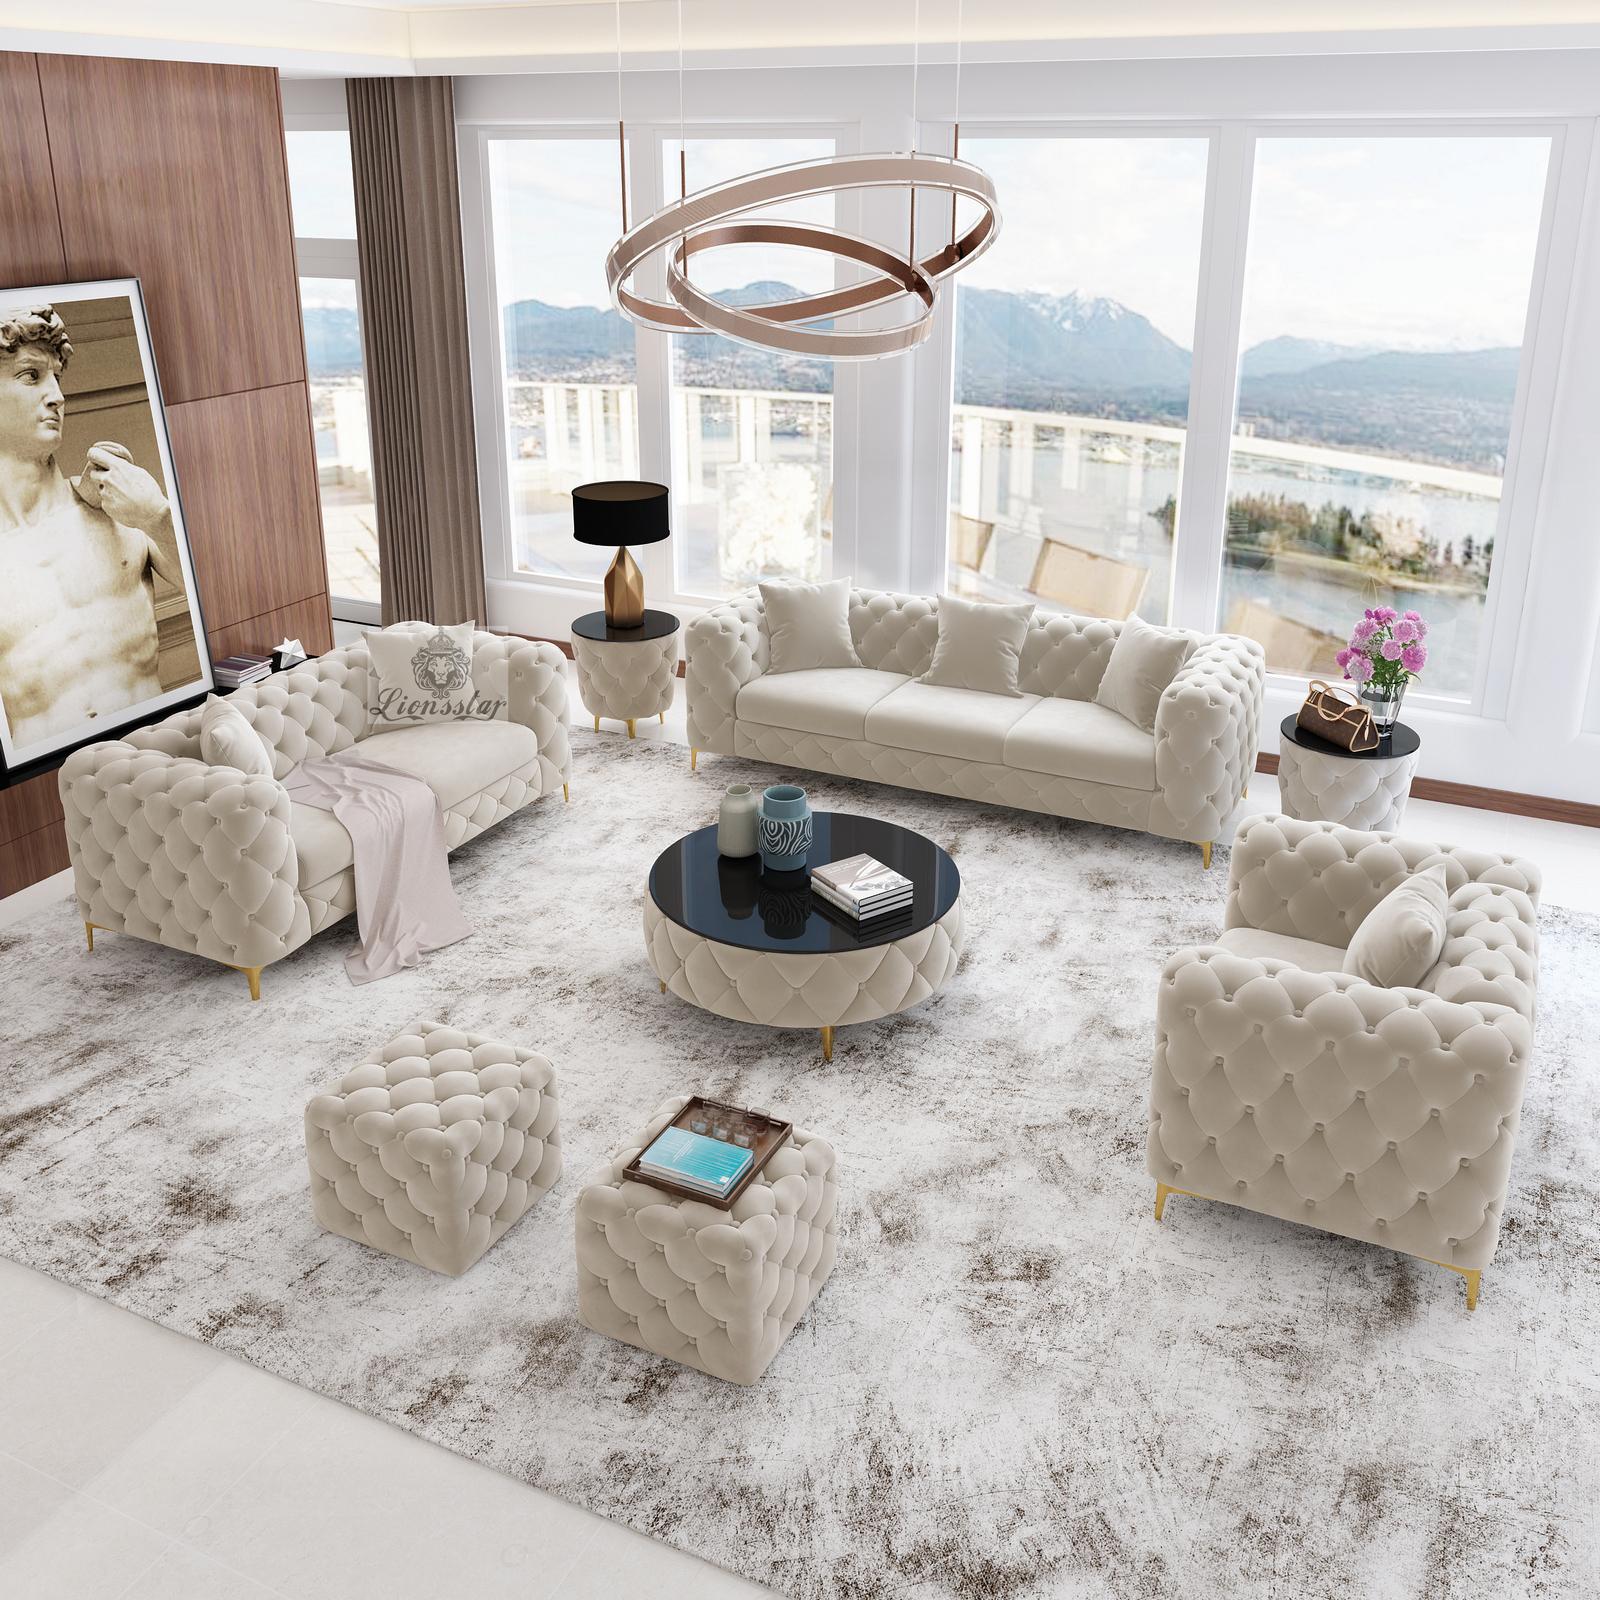 Luxus Sofaset Loft Modern Chesterfield Lionsstar Gmbh